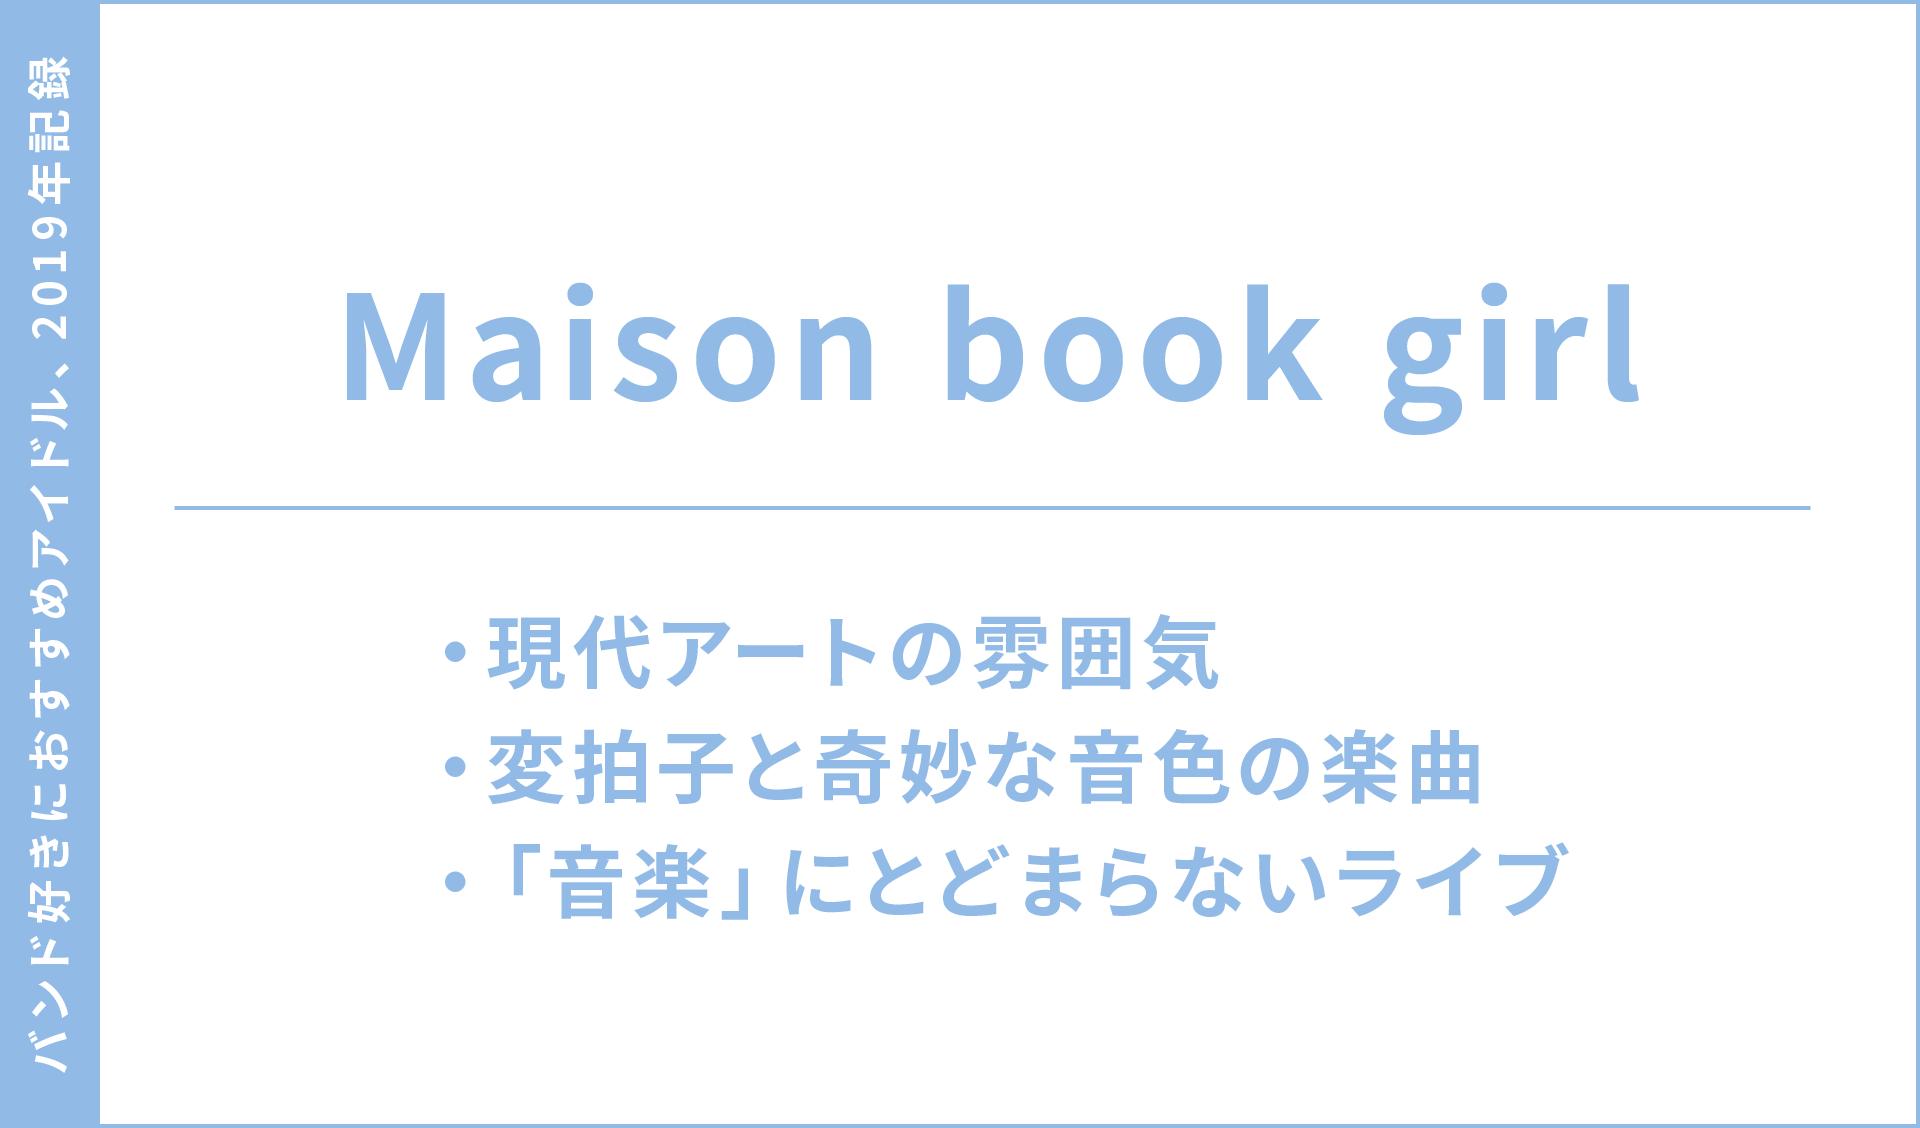 おすすめアイドル2019年記録 - Maison book girl